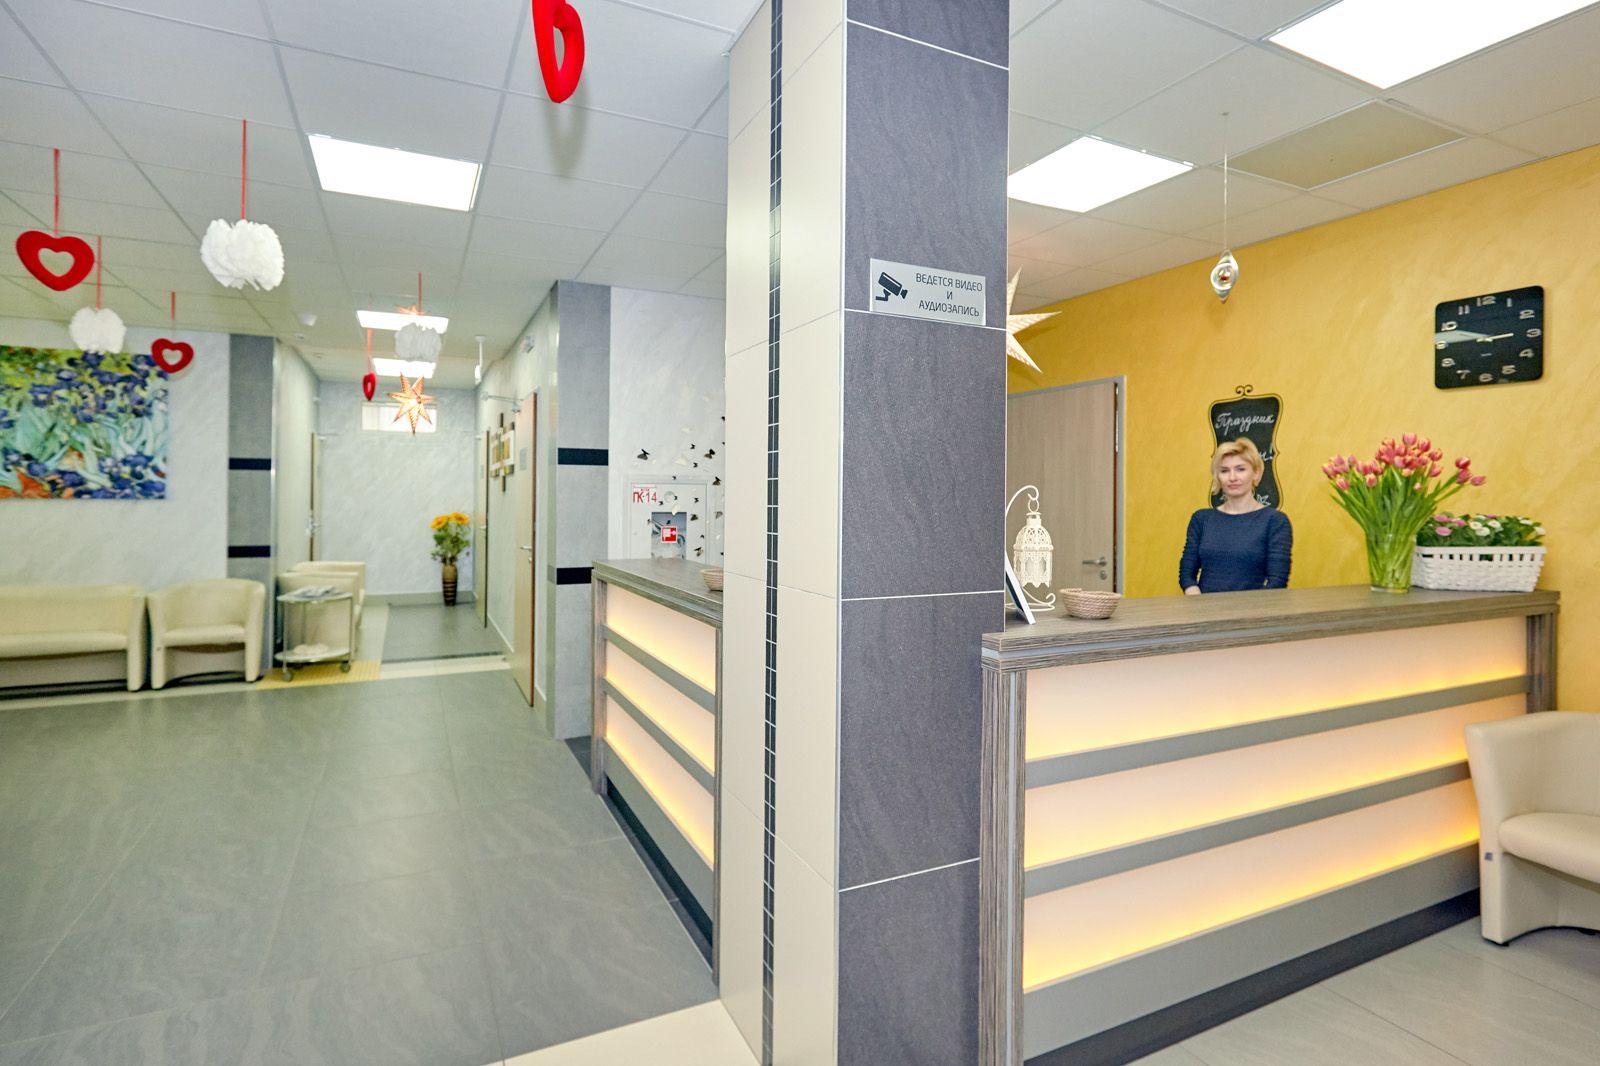 Медицинский Центр Медклиник Диет На Марата 55. Клиника МЭДИС